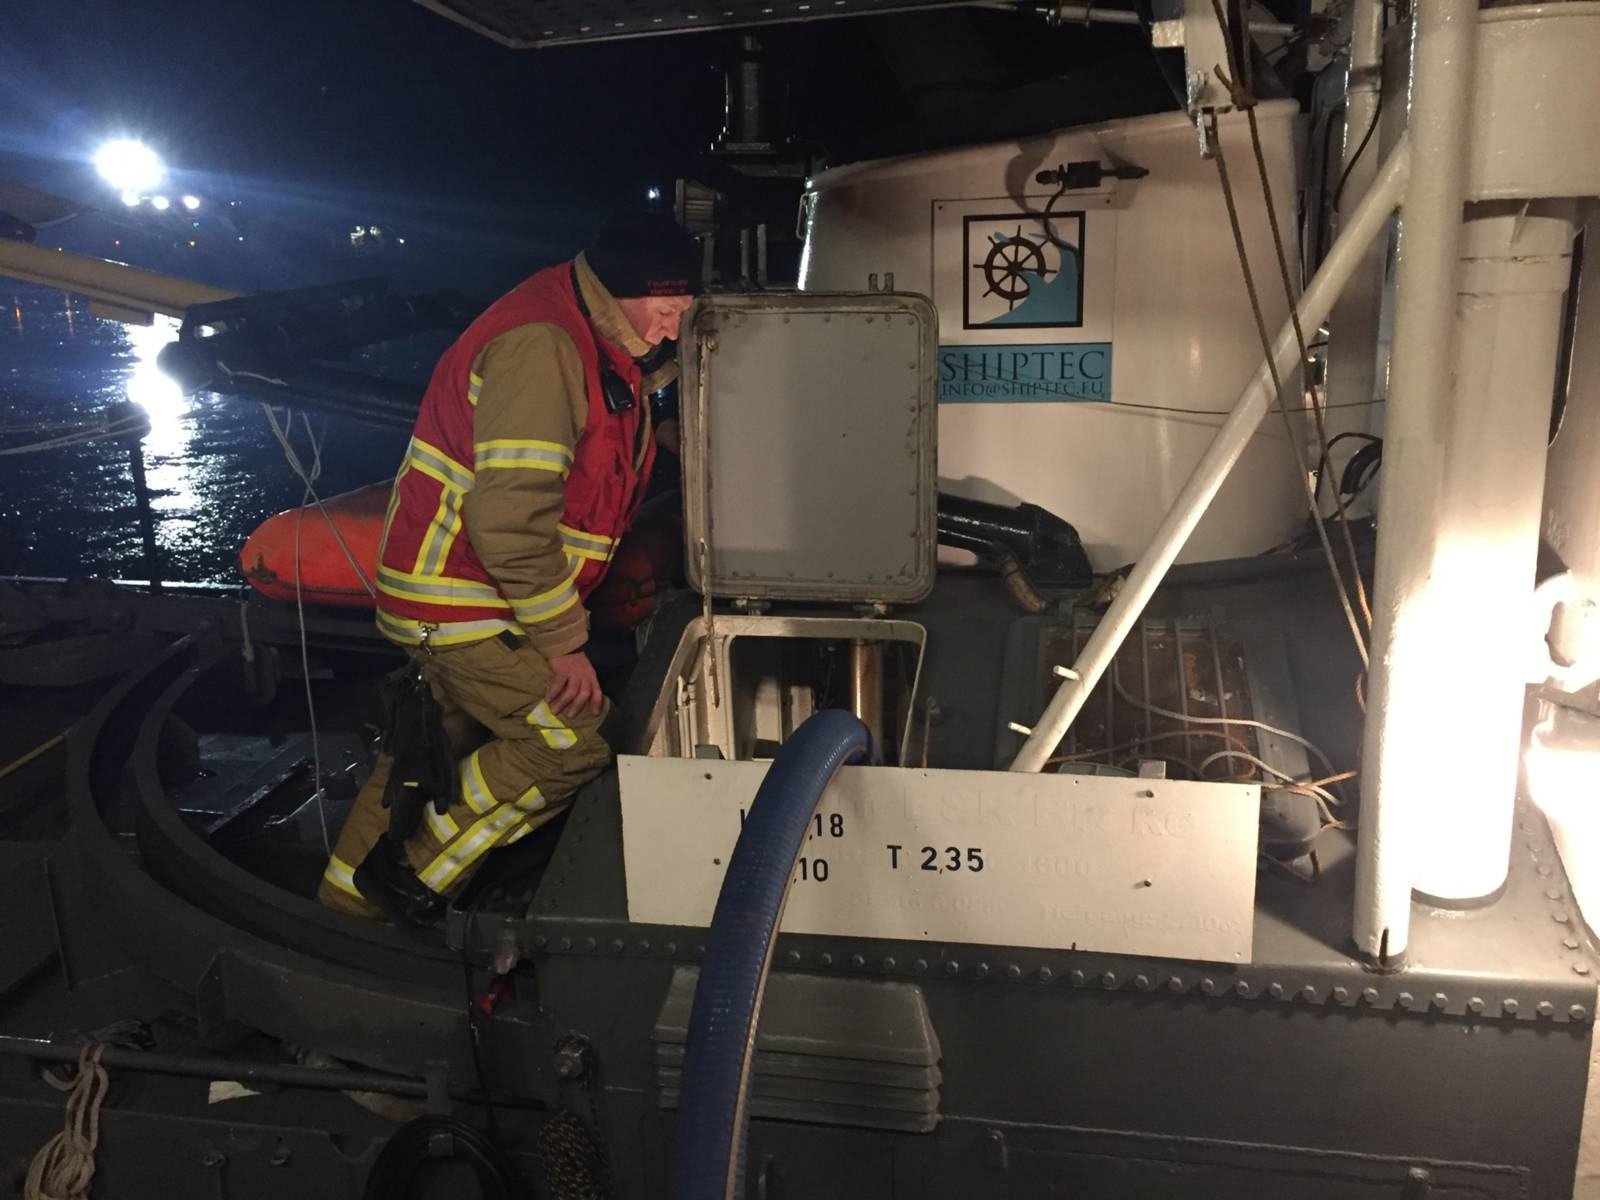 Durch ein Leck unterhalb der Wasserlinie drang Wasser in den Maschinenraum des Schleppers ein.